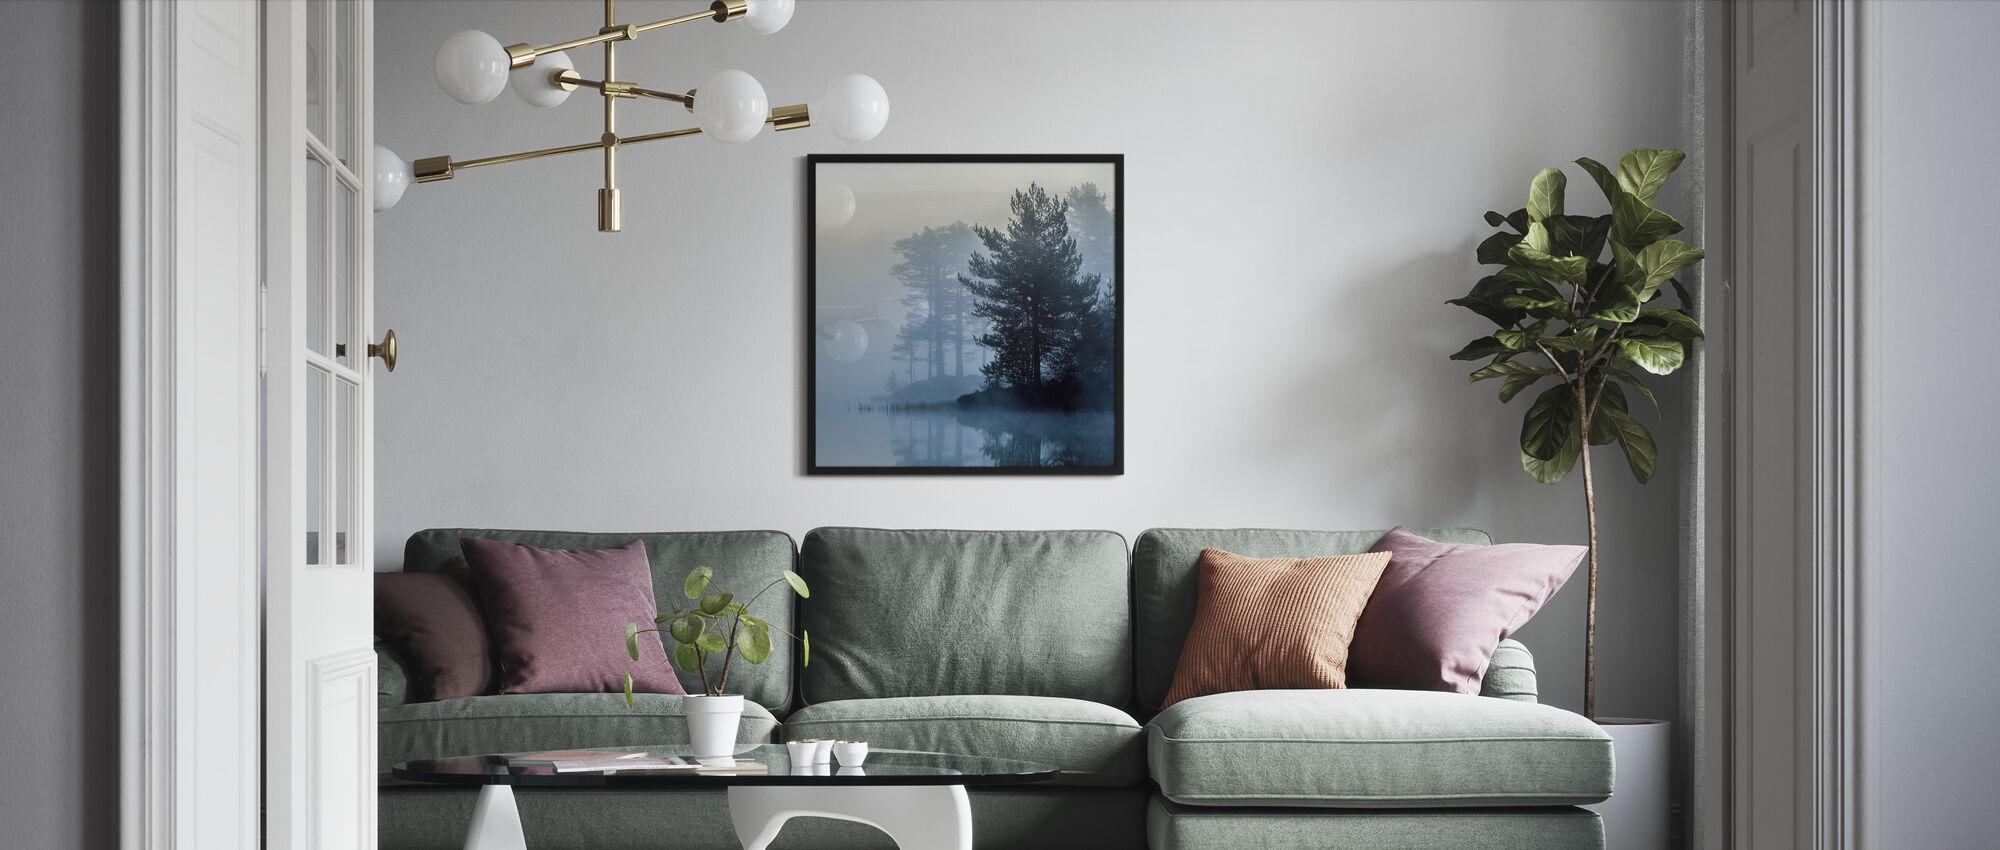 One Early Misty Morning - Framed print - Living Room